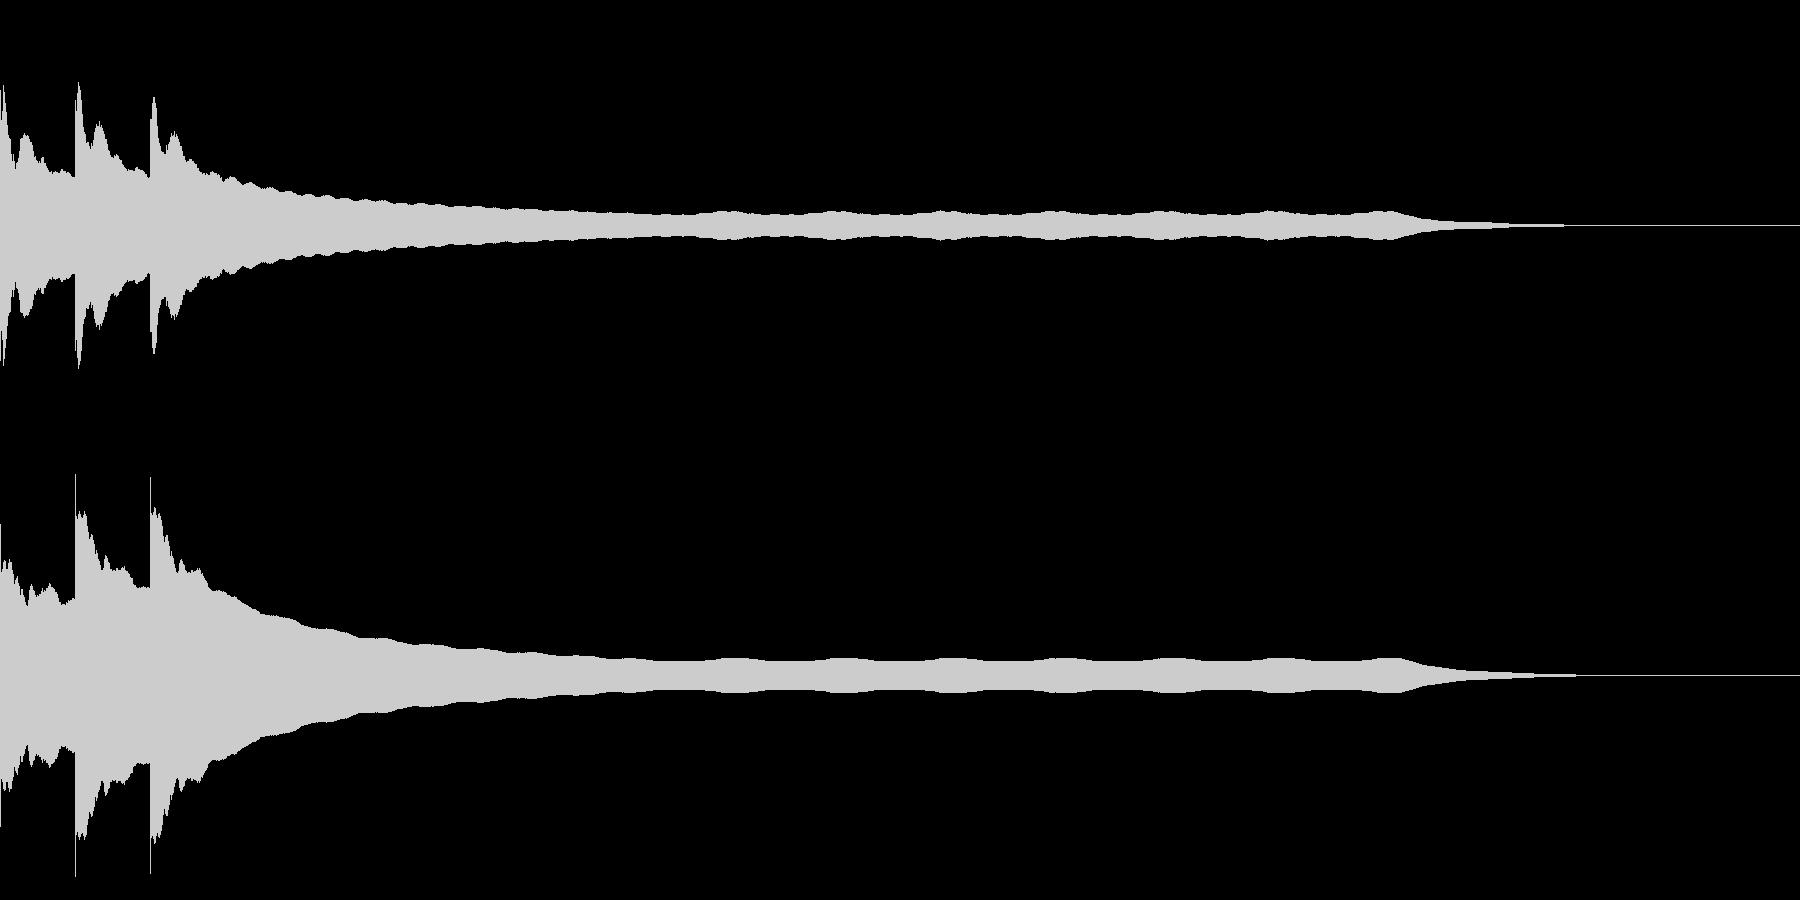 チーンチーン 仏壇の鐘の音4 リバーブ付の未再生の波形